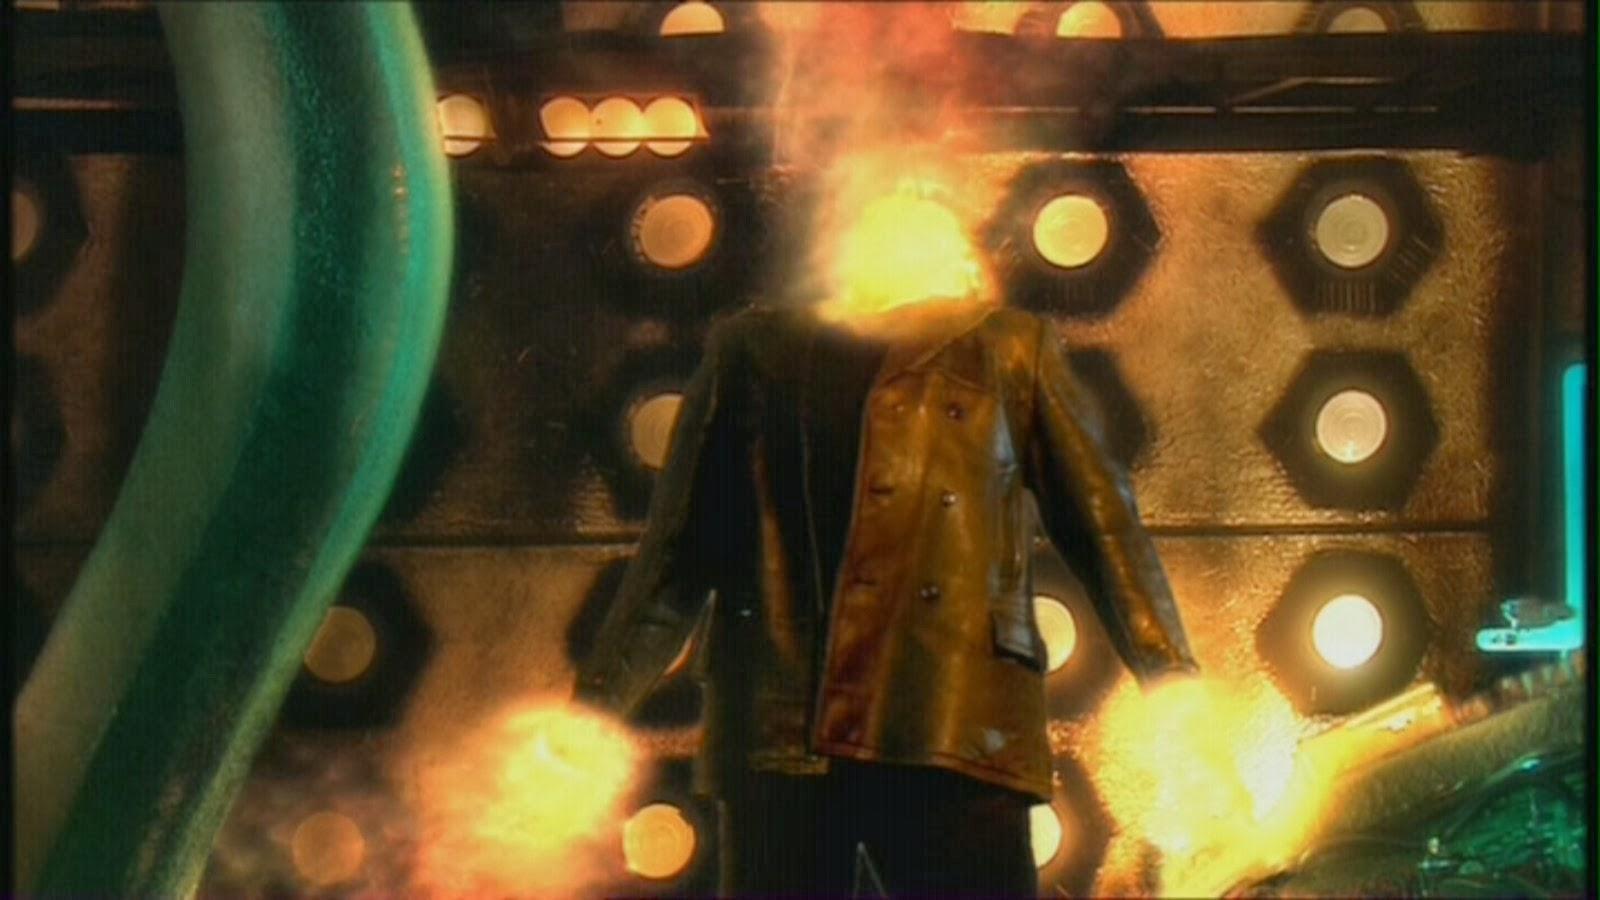 https://i2.wp.com/www.everyeye.it/public/articoli/01102016/Weekend-nostalgia-10-momenti-fondamentali-di-Doctor-Who-nellera-di-Eccleston-Tennant-e-Smith-RUBRICA-3-2.jpg